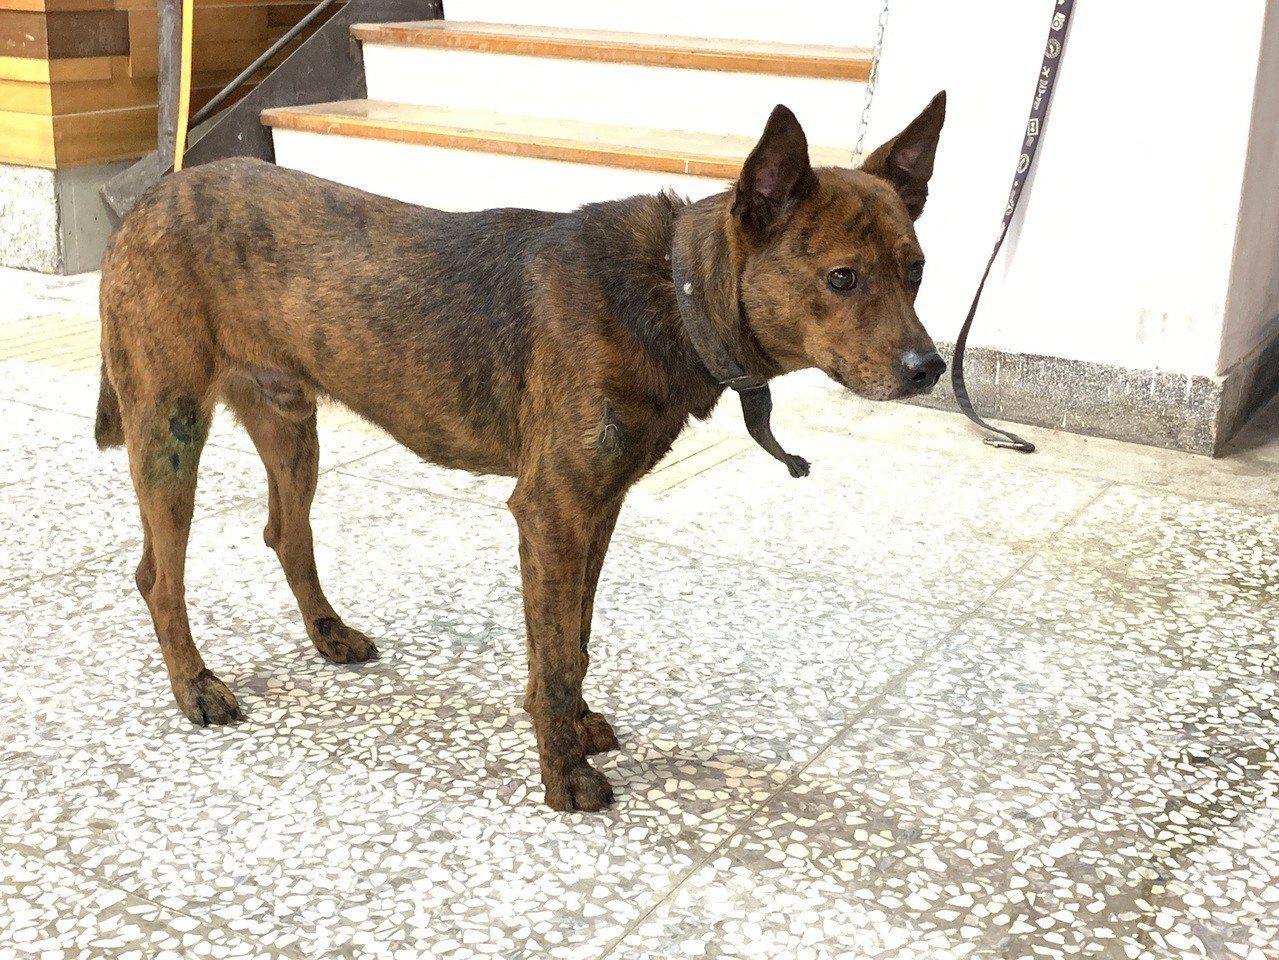 宜蘭一名83歲林姓老翁昨天到宜蘭縣動植物防疫所認養了一隻虎斑犬,要帶回家作伴當寵...